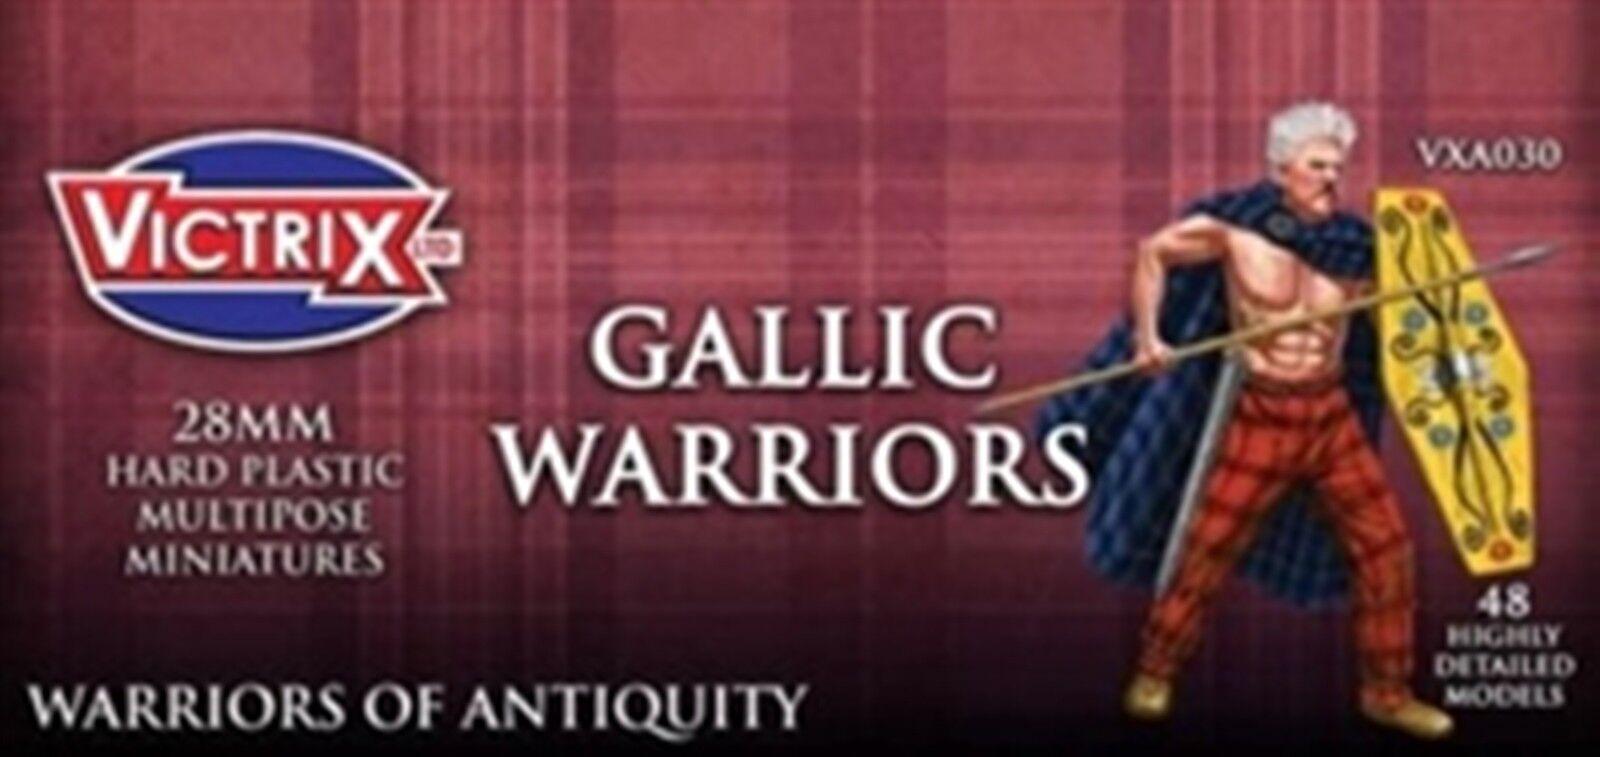 NEW VICTRIX MINIATURE ANCIENT GALLIC WARRIORS FIGURES COLLECTIBLES GAMES VXA030